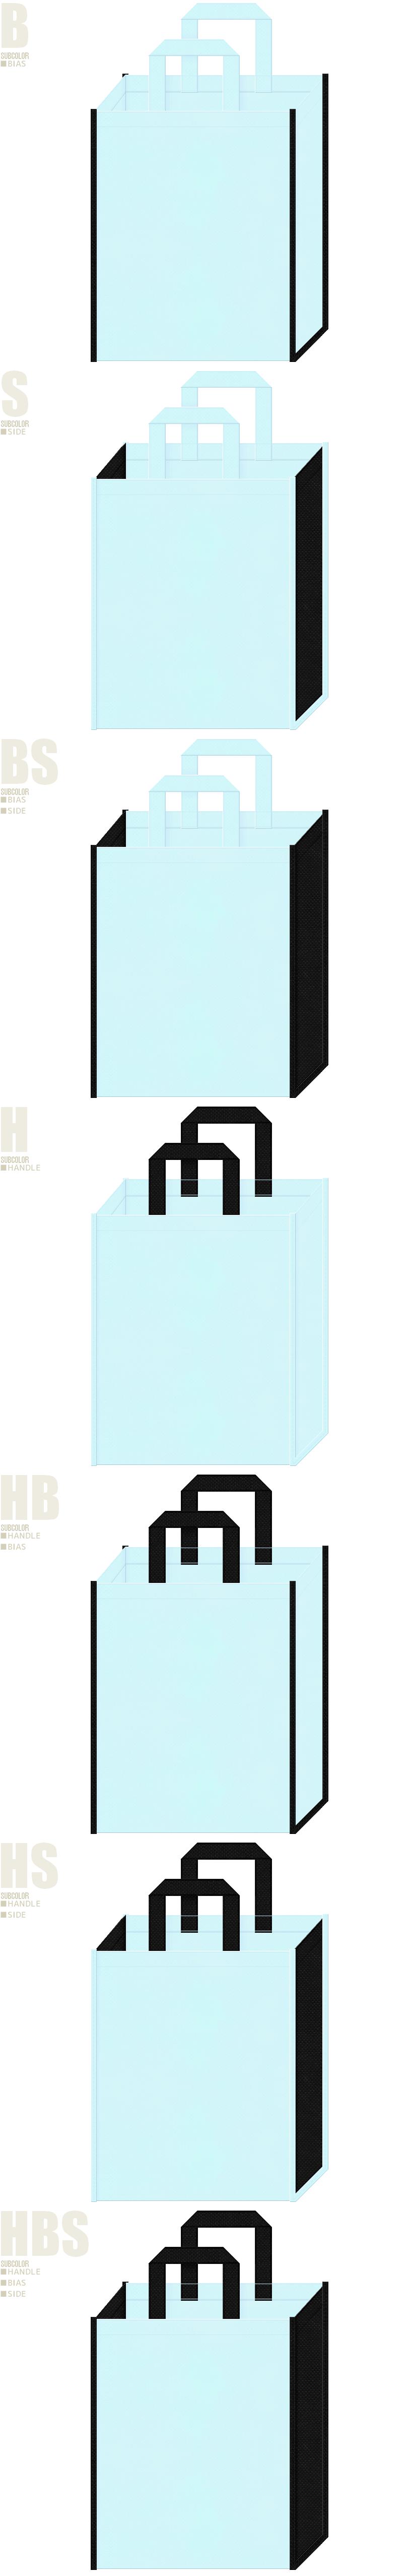 理容・メンズ整髪料・シェーバー・ヘアサロン・ランドリーバッグ・クリーニング用品の展示会用バッグにお奨めの不織布バッグデザイン:水色と黒色の配色7パターン